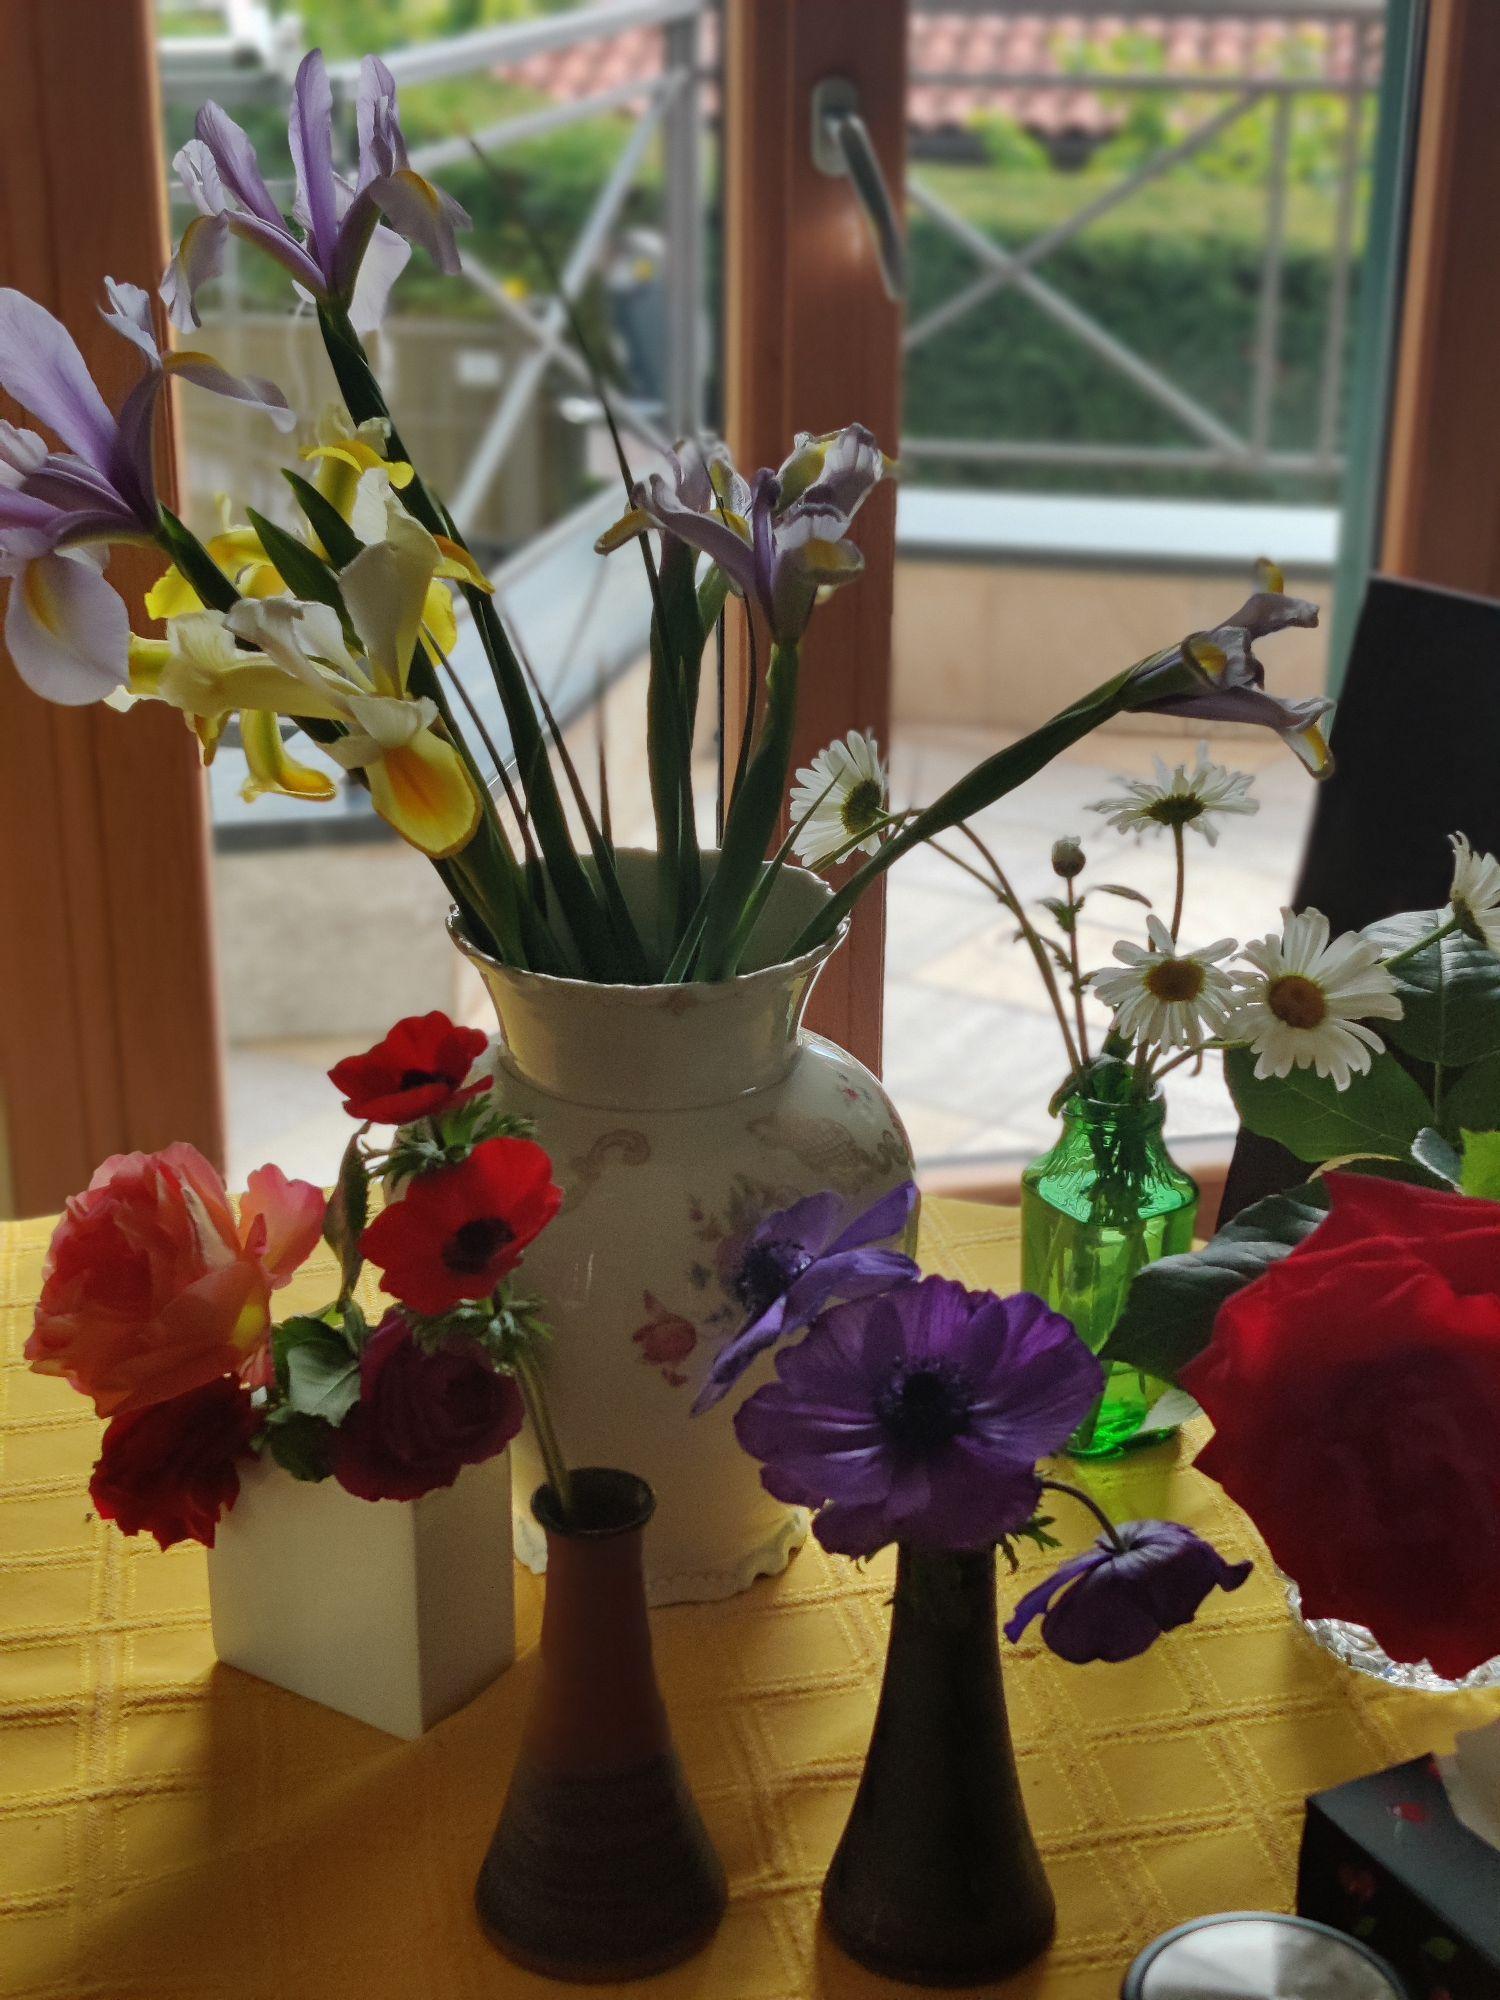 Цветы из сада. Я безжалостно срезаю и тащу на стол. Так больше возможности ими восхищаться.